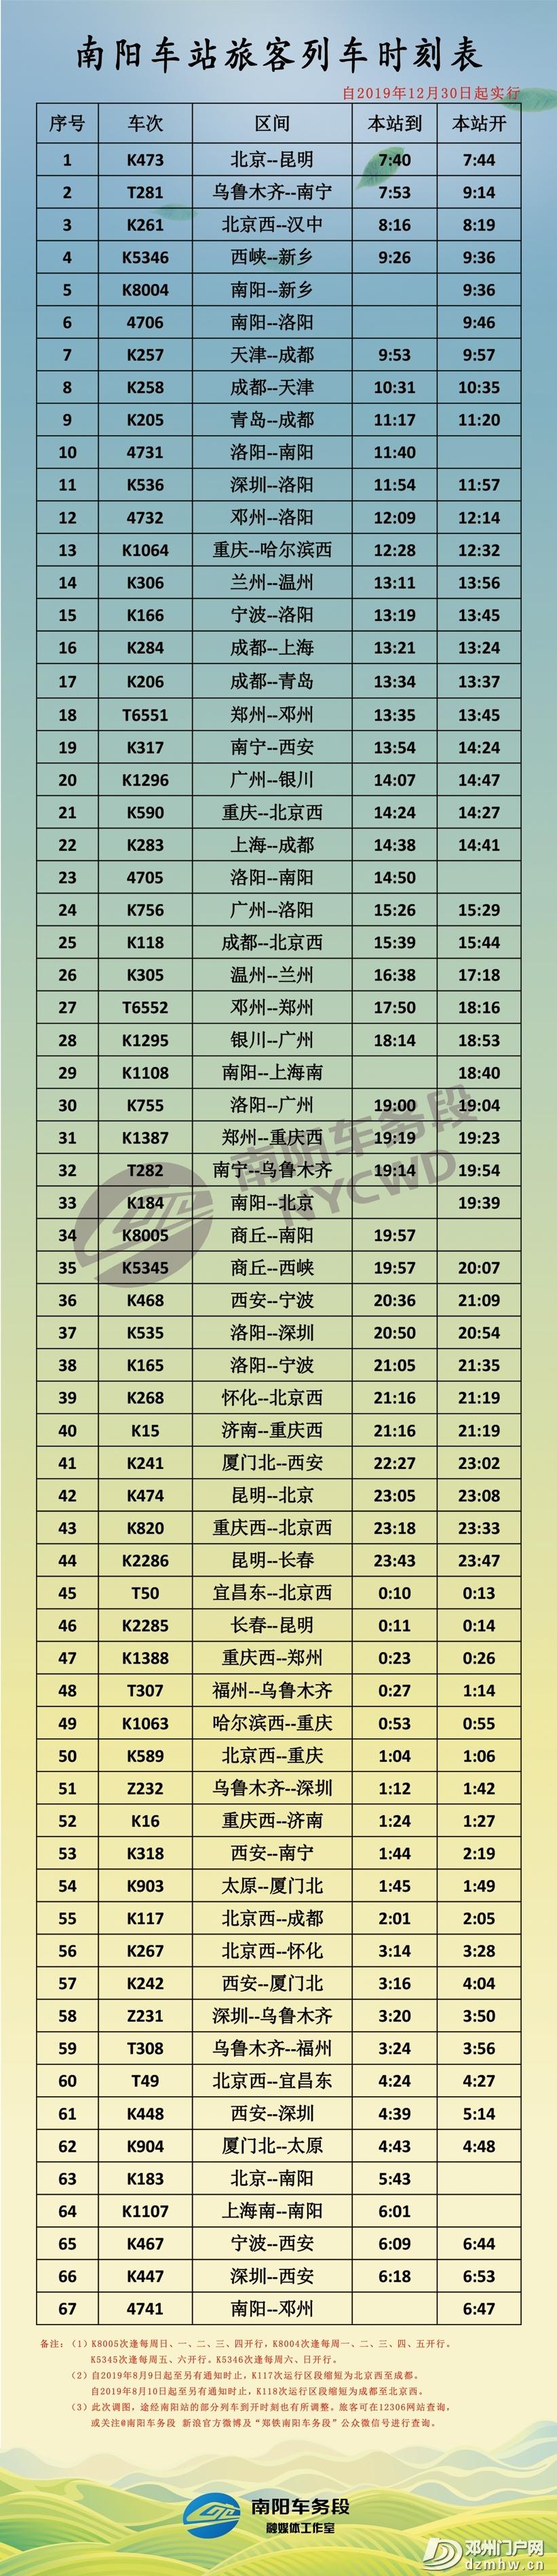 邓州人注意!铁路月底调图,普速车站列车时刻表抢先看~ - 邓州门户网|邓州网 - 7cbc761aa3b23fe541508482f4850531.jpg